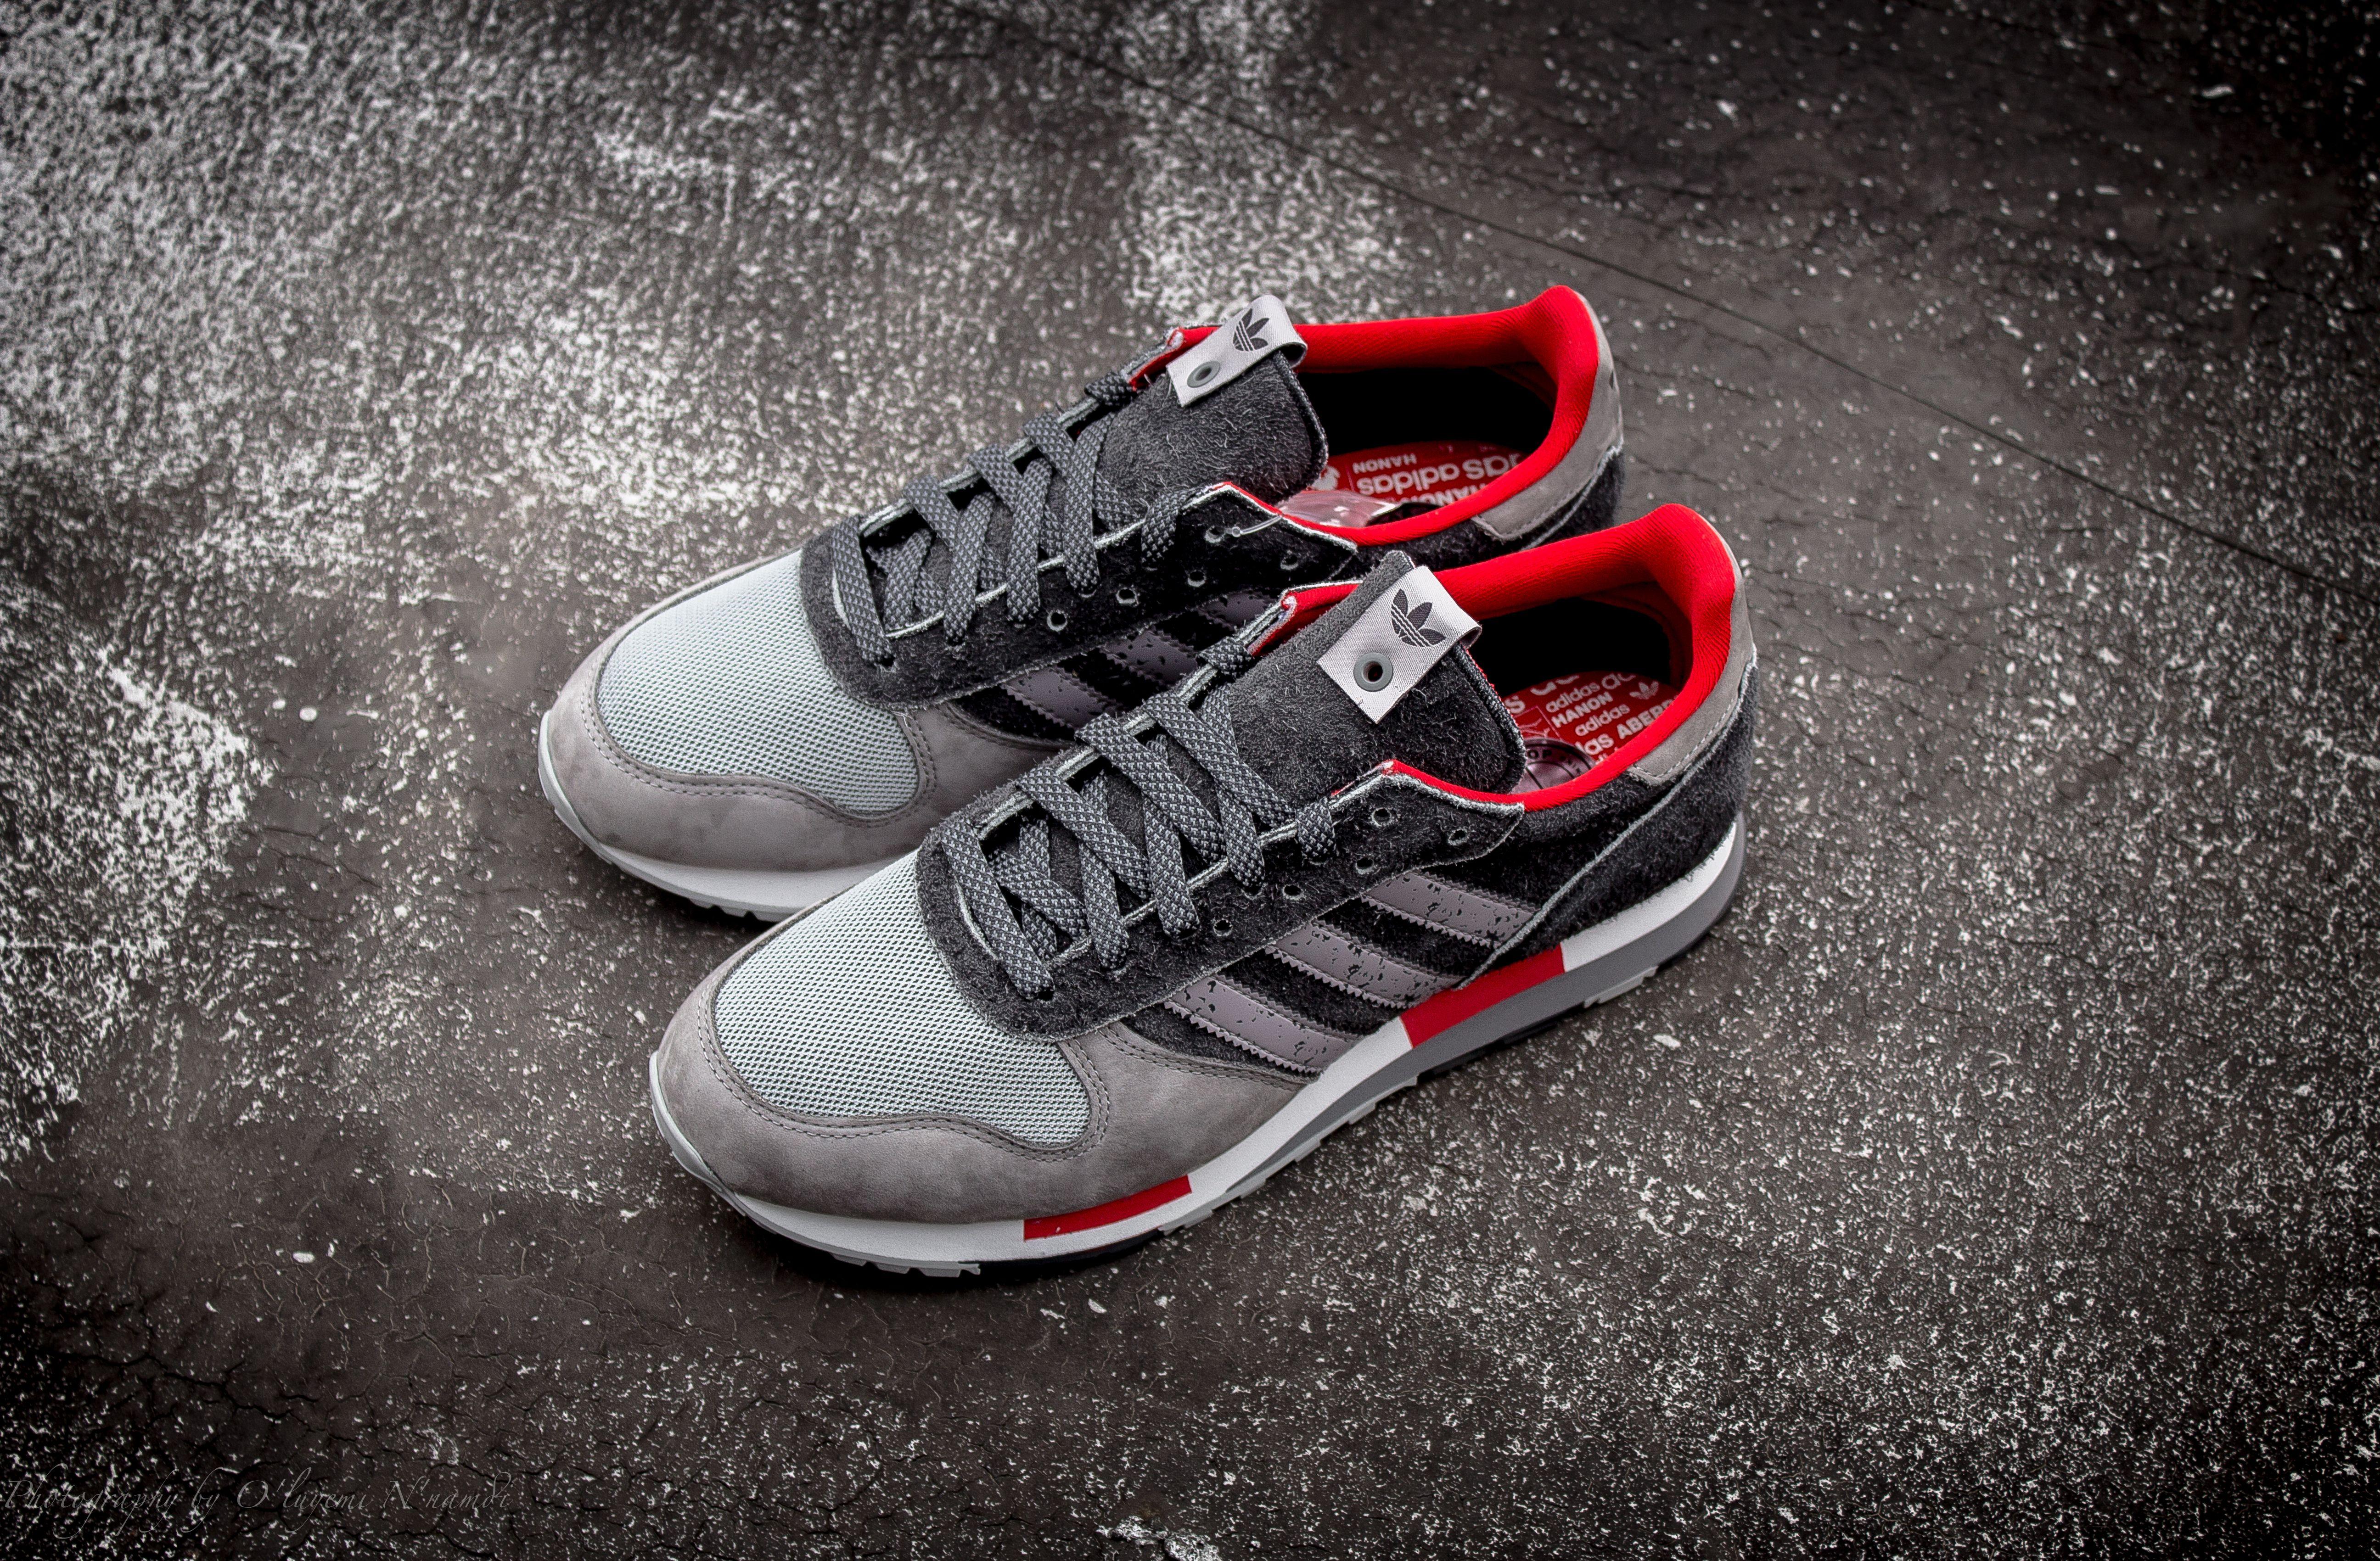 Adidas 2013